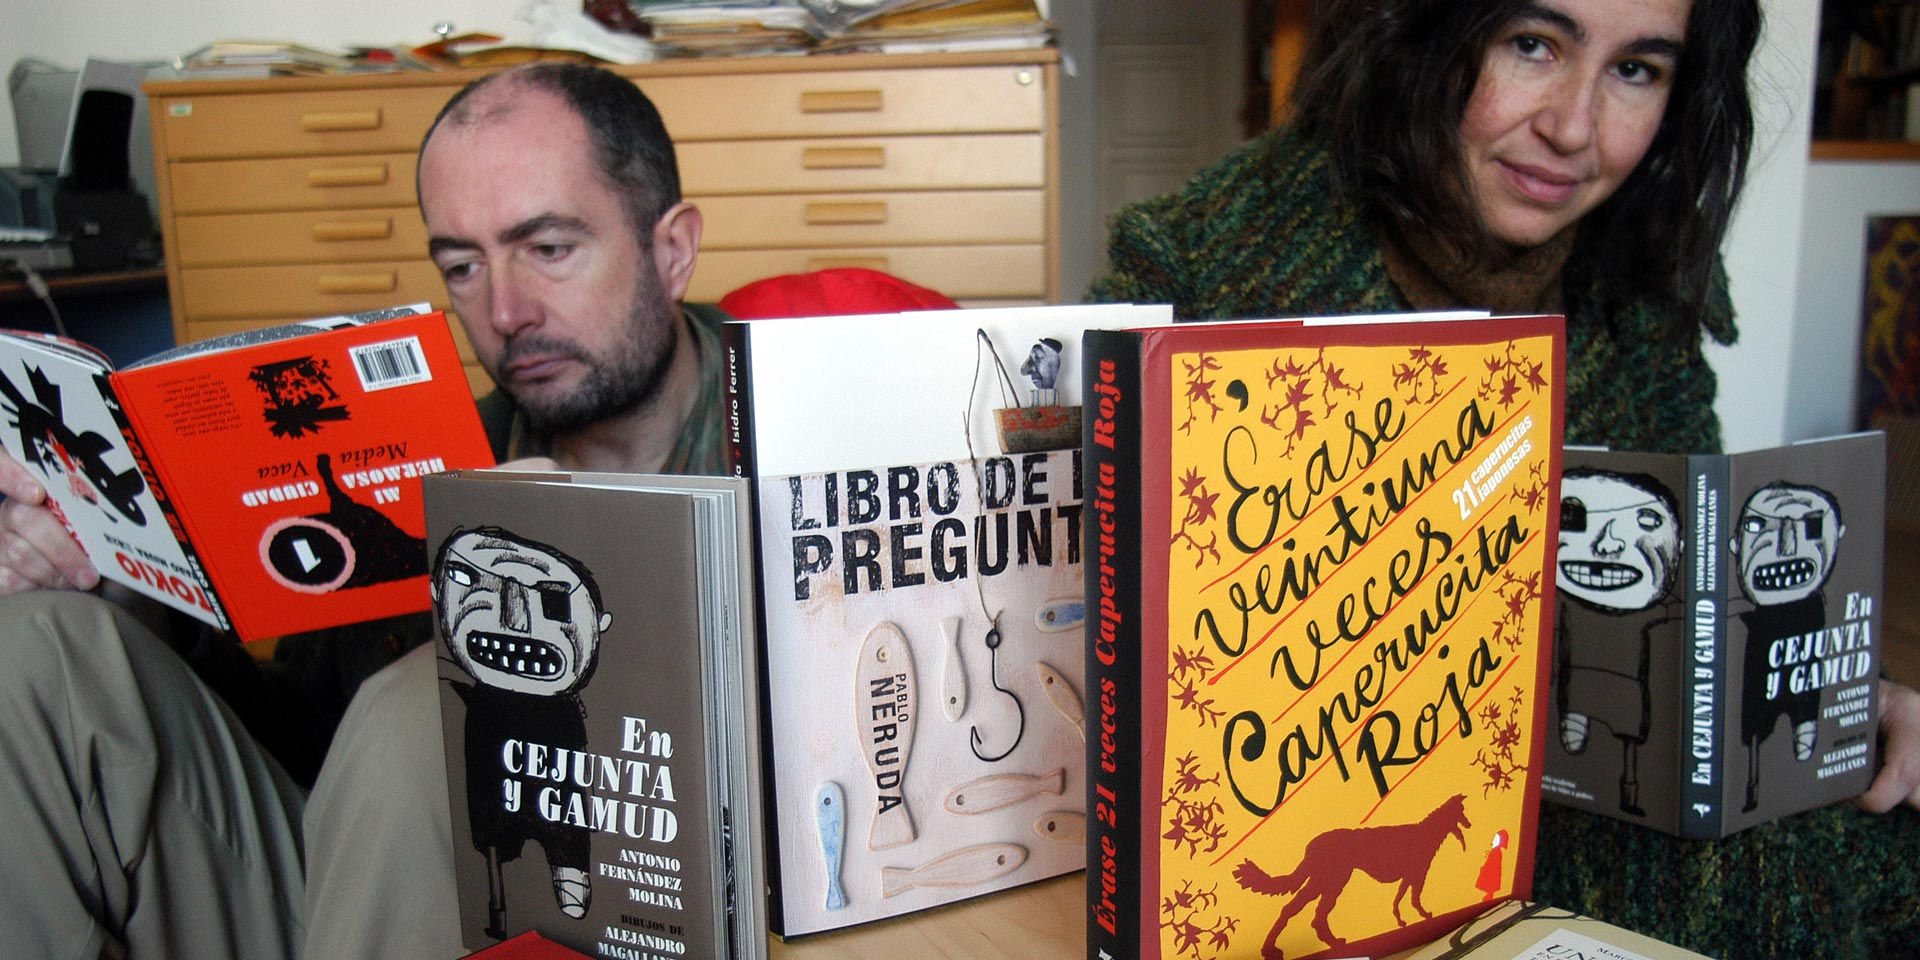 Conversación con Vicente Ferrer, fundador de la editorial Media Vaca.